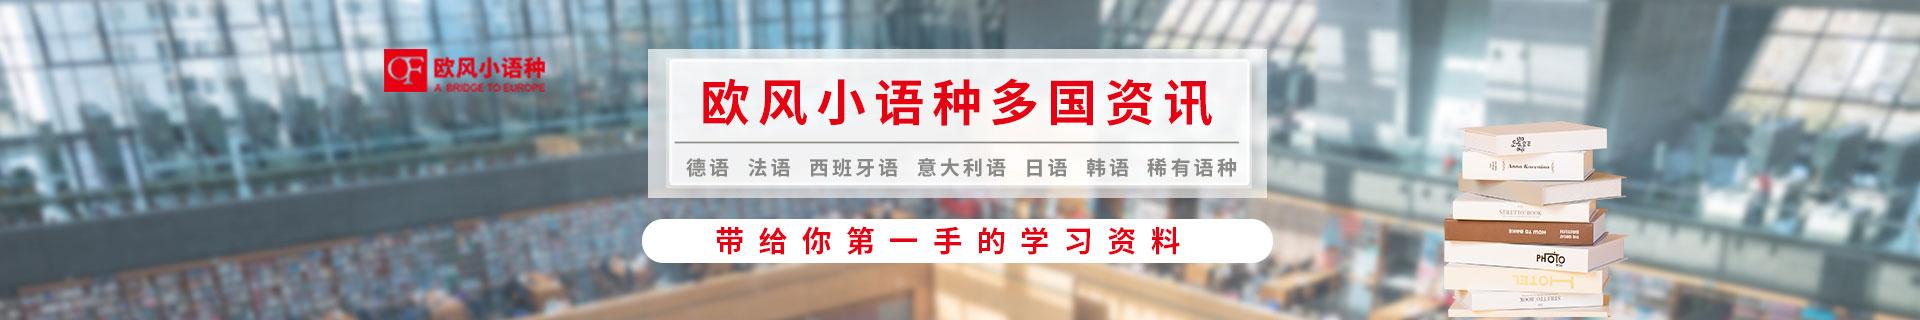 南昌投资大厦欧风小语种培训学校